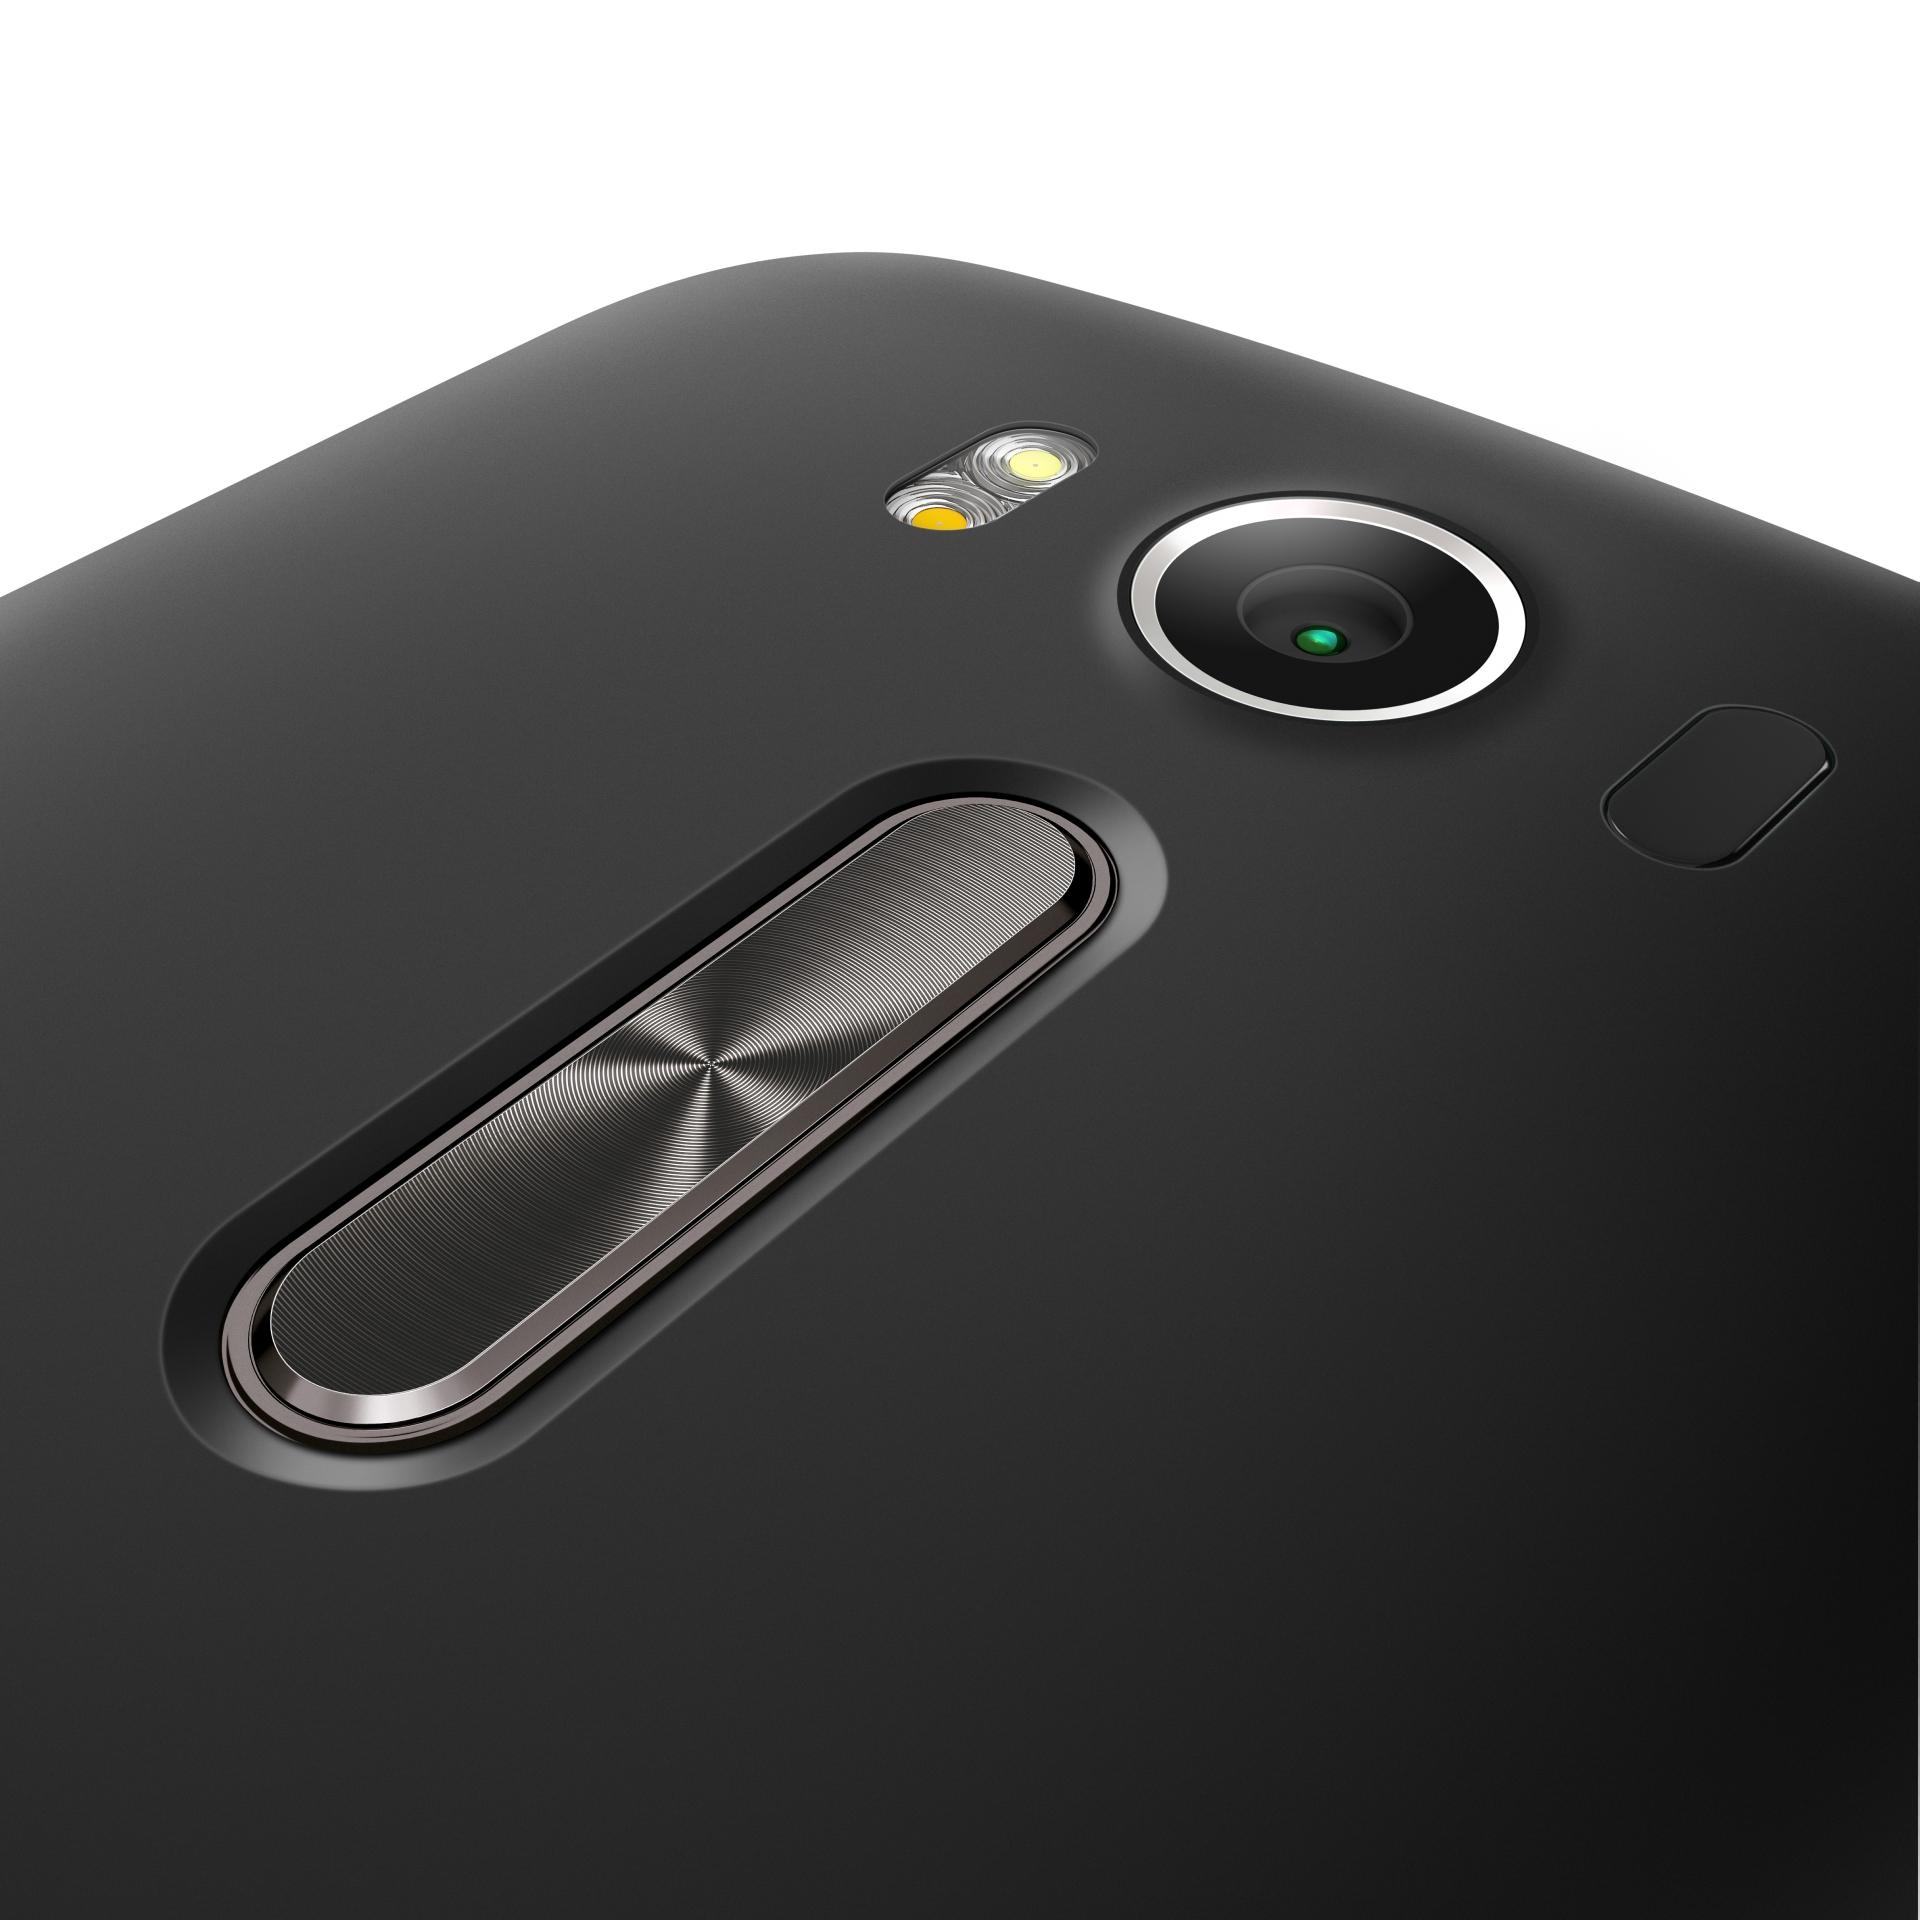 Asus: Zenfone 2 Laser kommt mit schnellem Autofokus für 230 Euro - Das neue Zenfone 2 Laser von Asus (Bild: Asus)